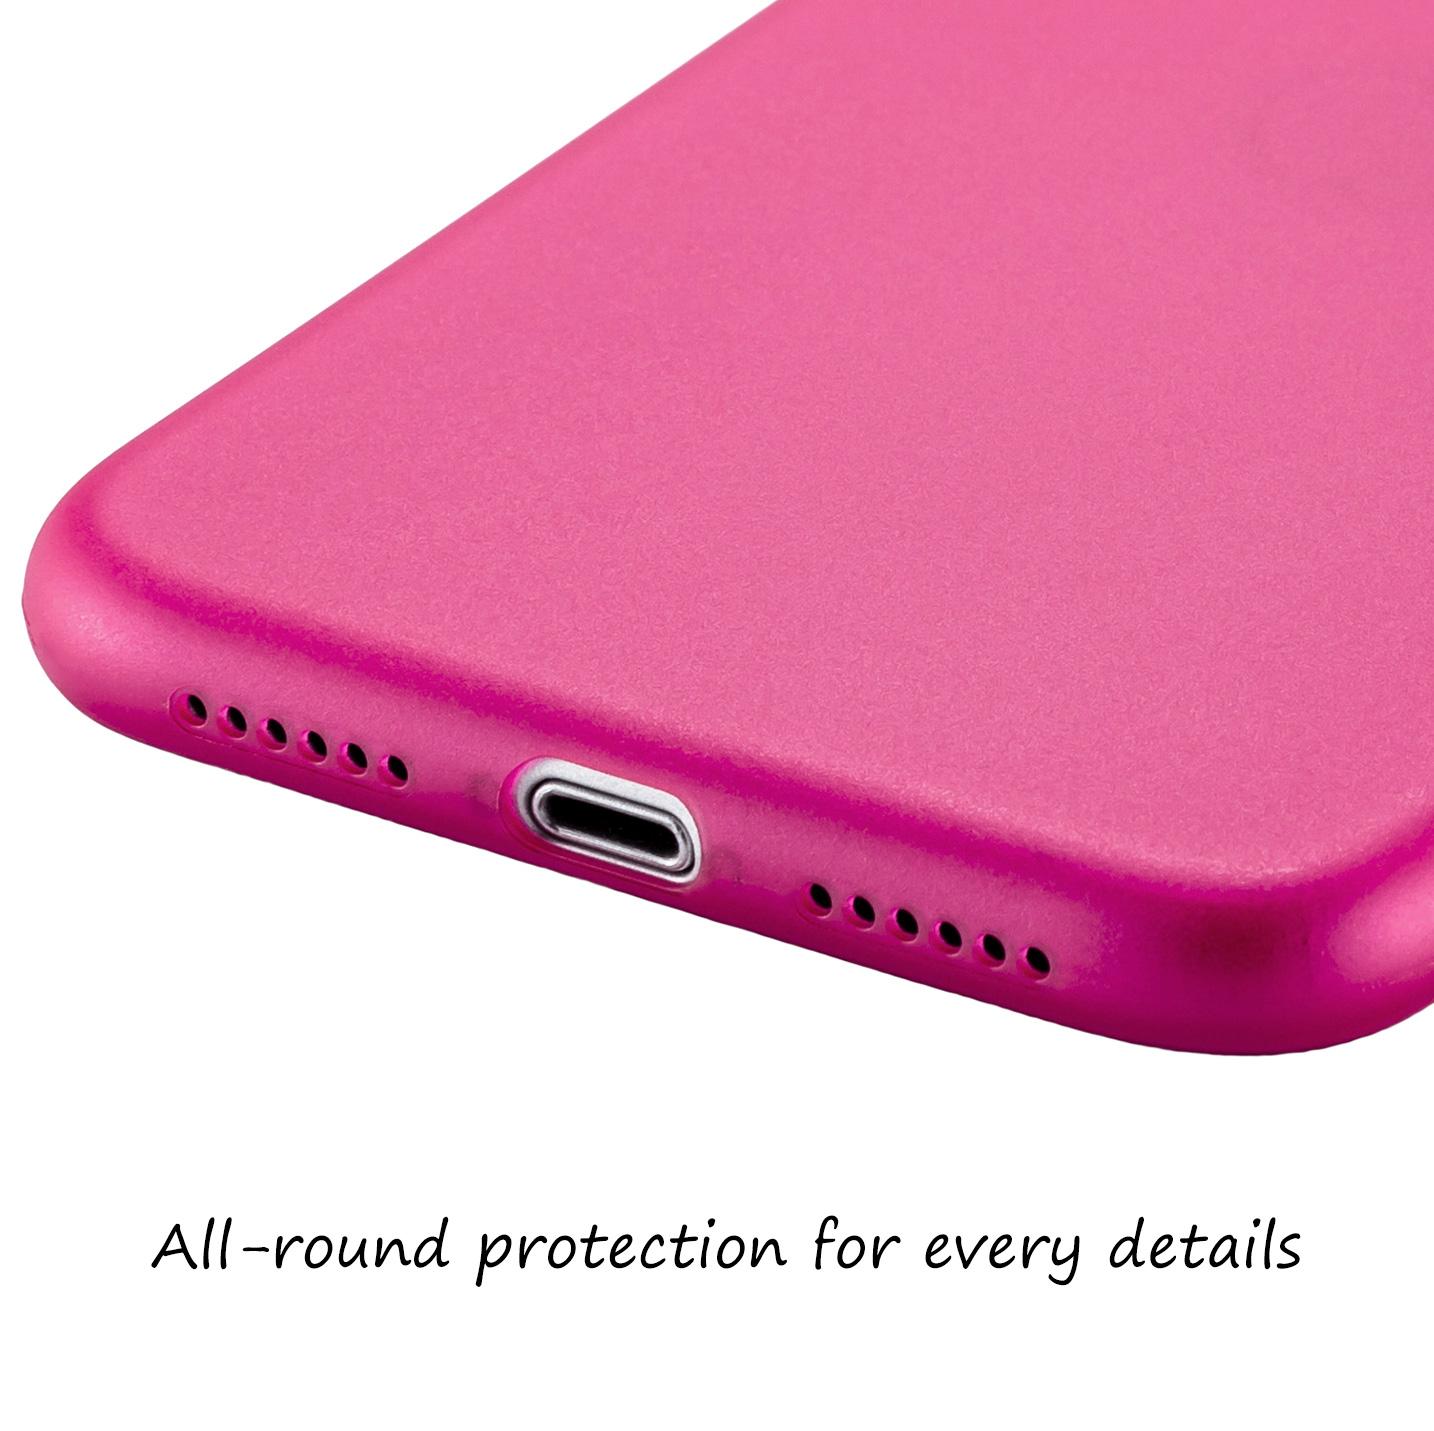 Ultra-Slim-Case-iPhone-11-6-1-034-Matt-Clear-Schutz-Huelle-Skin-Cover-Tasche-Folie Indexbild 20